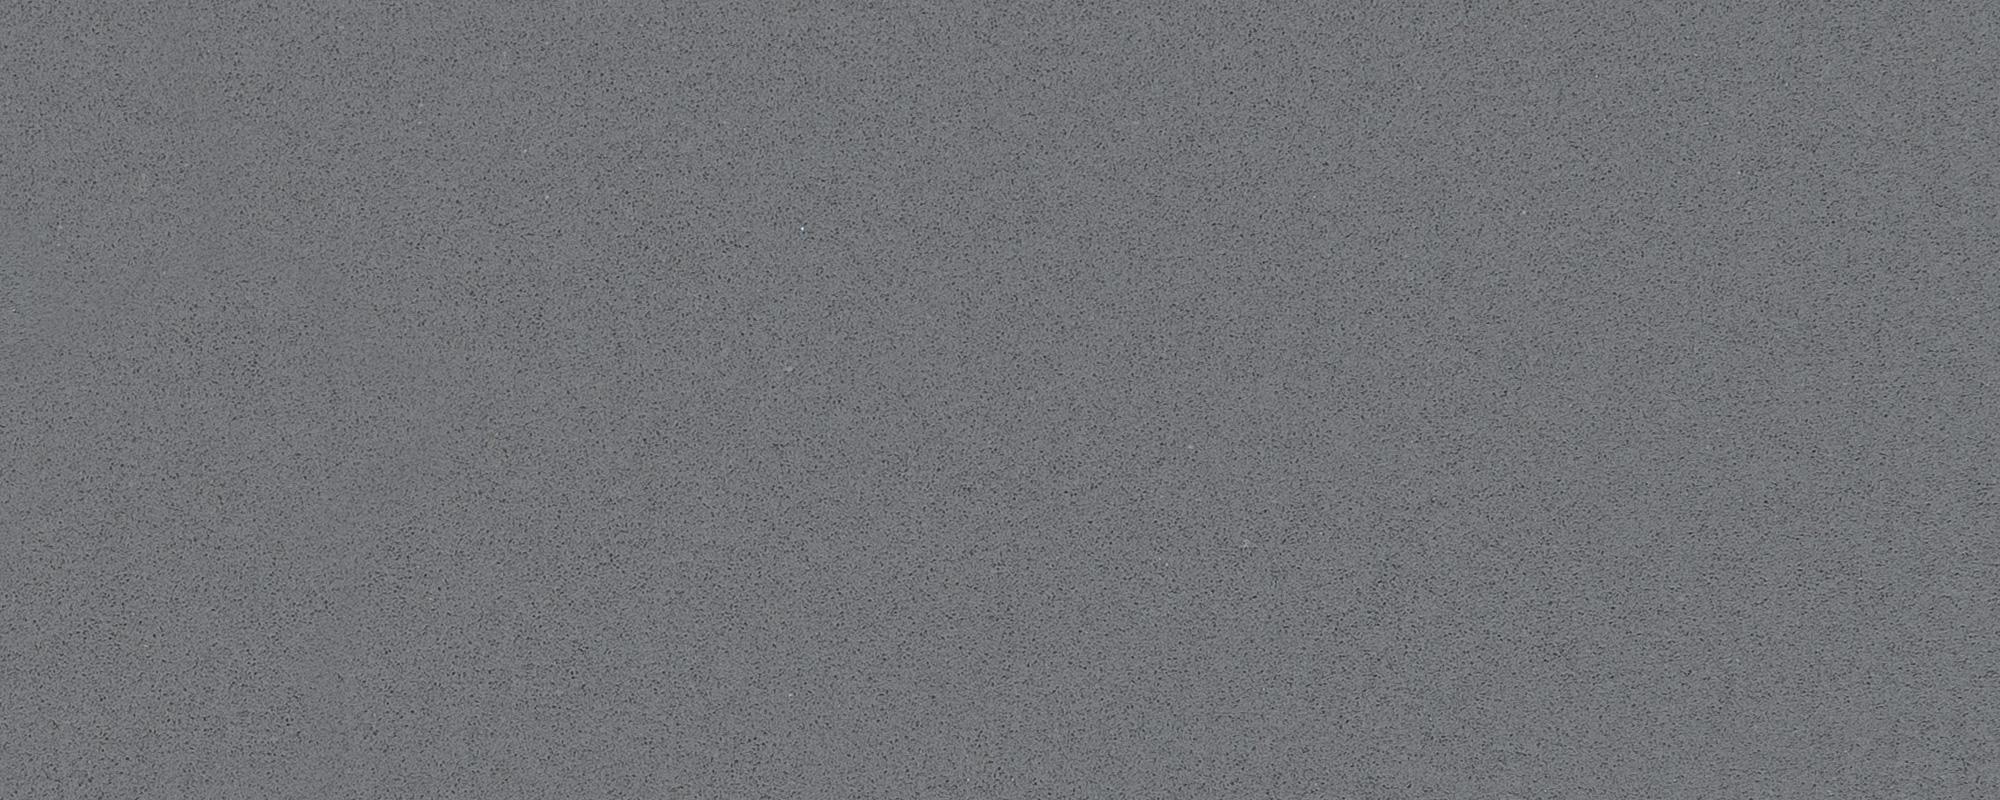 Plomo Quartz Texture